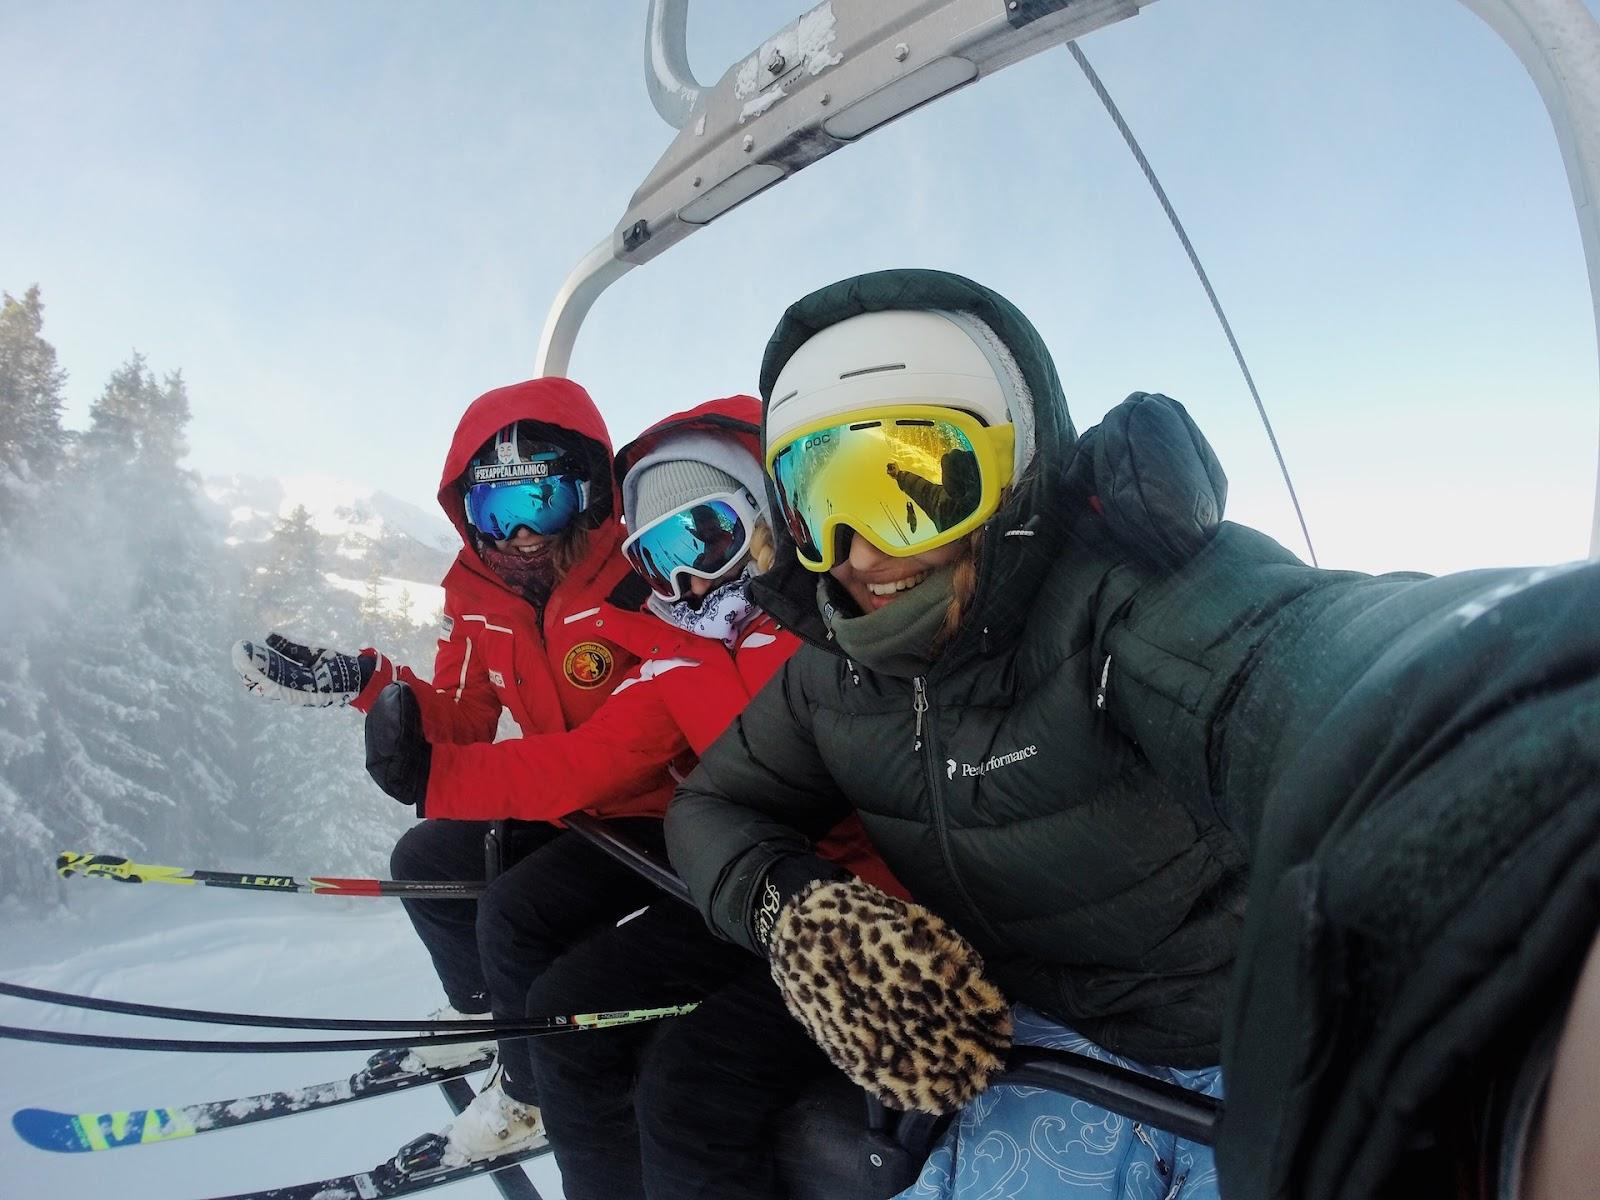 snow activities in Utah